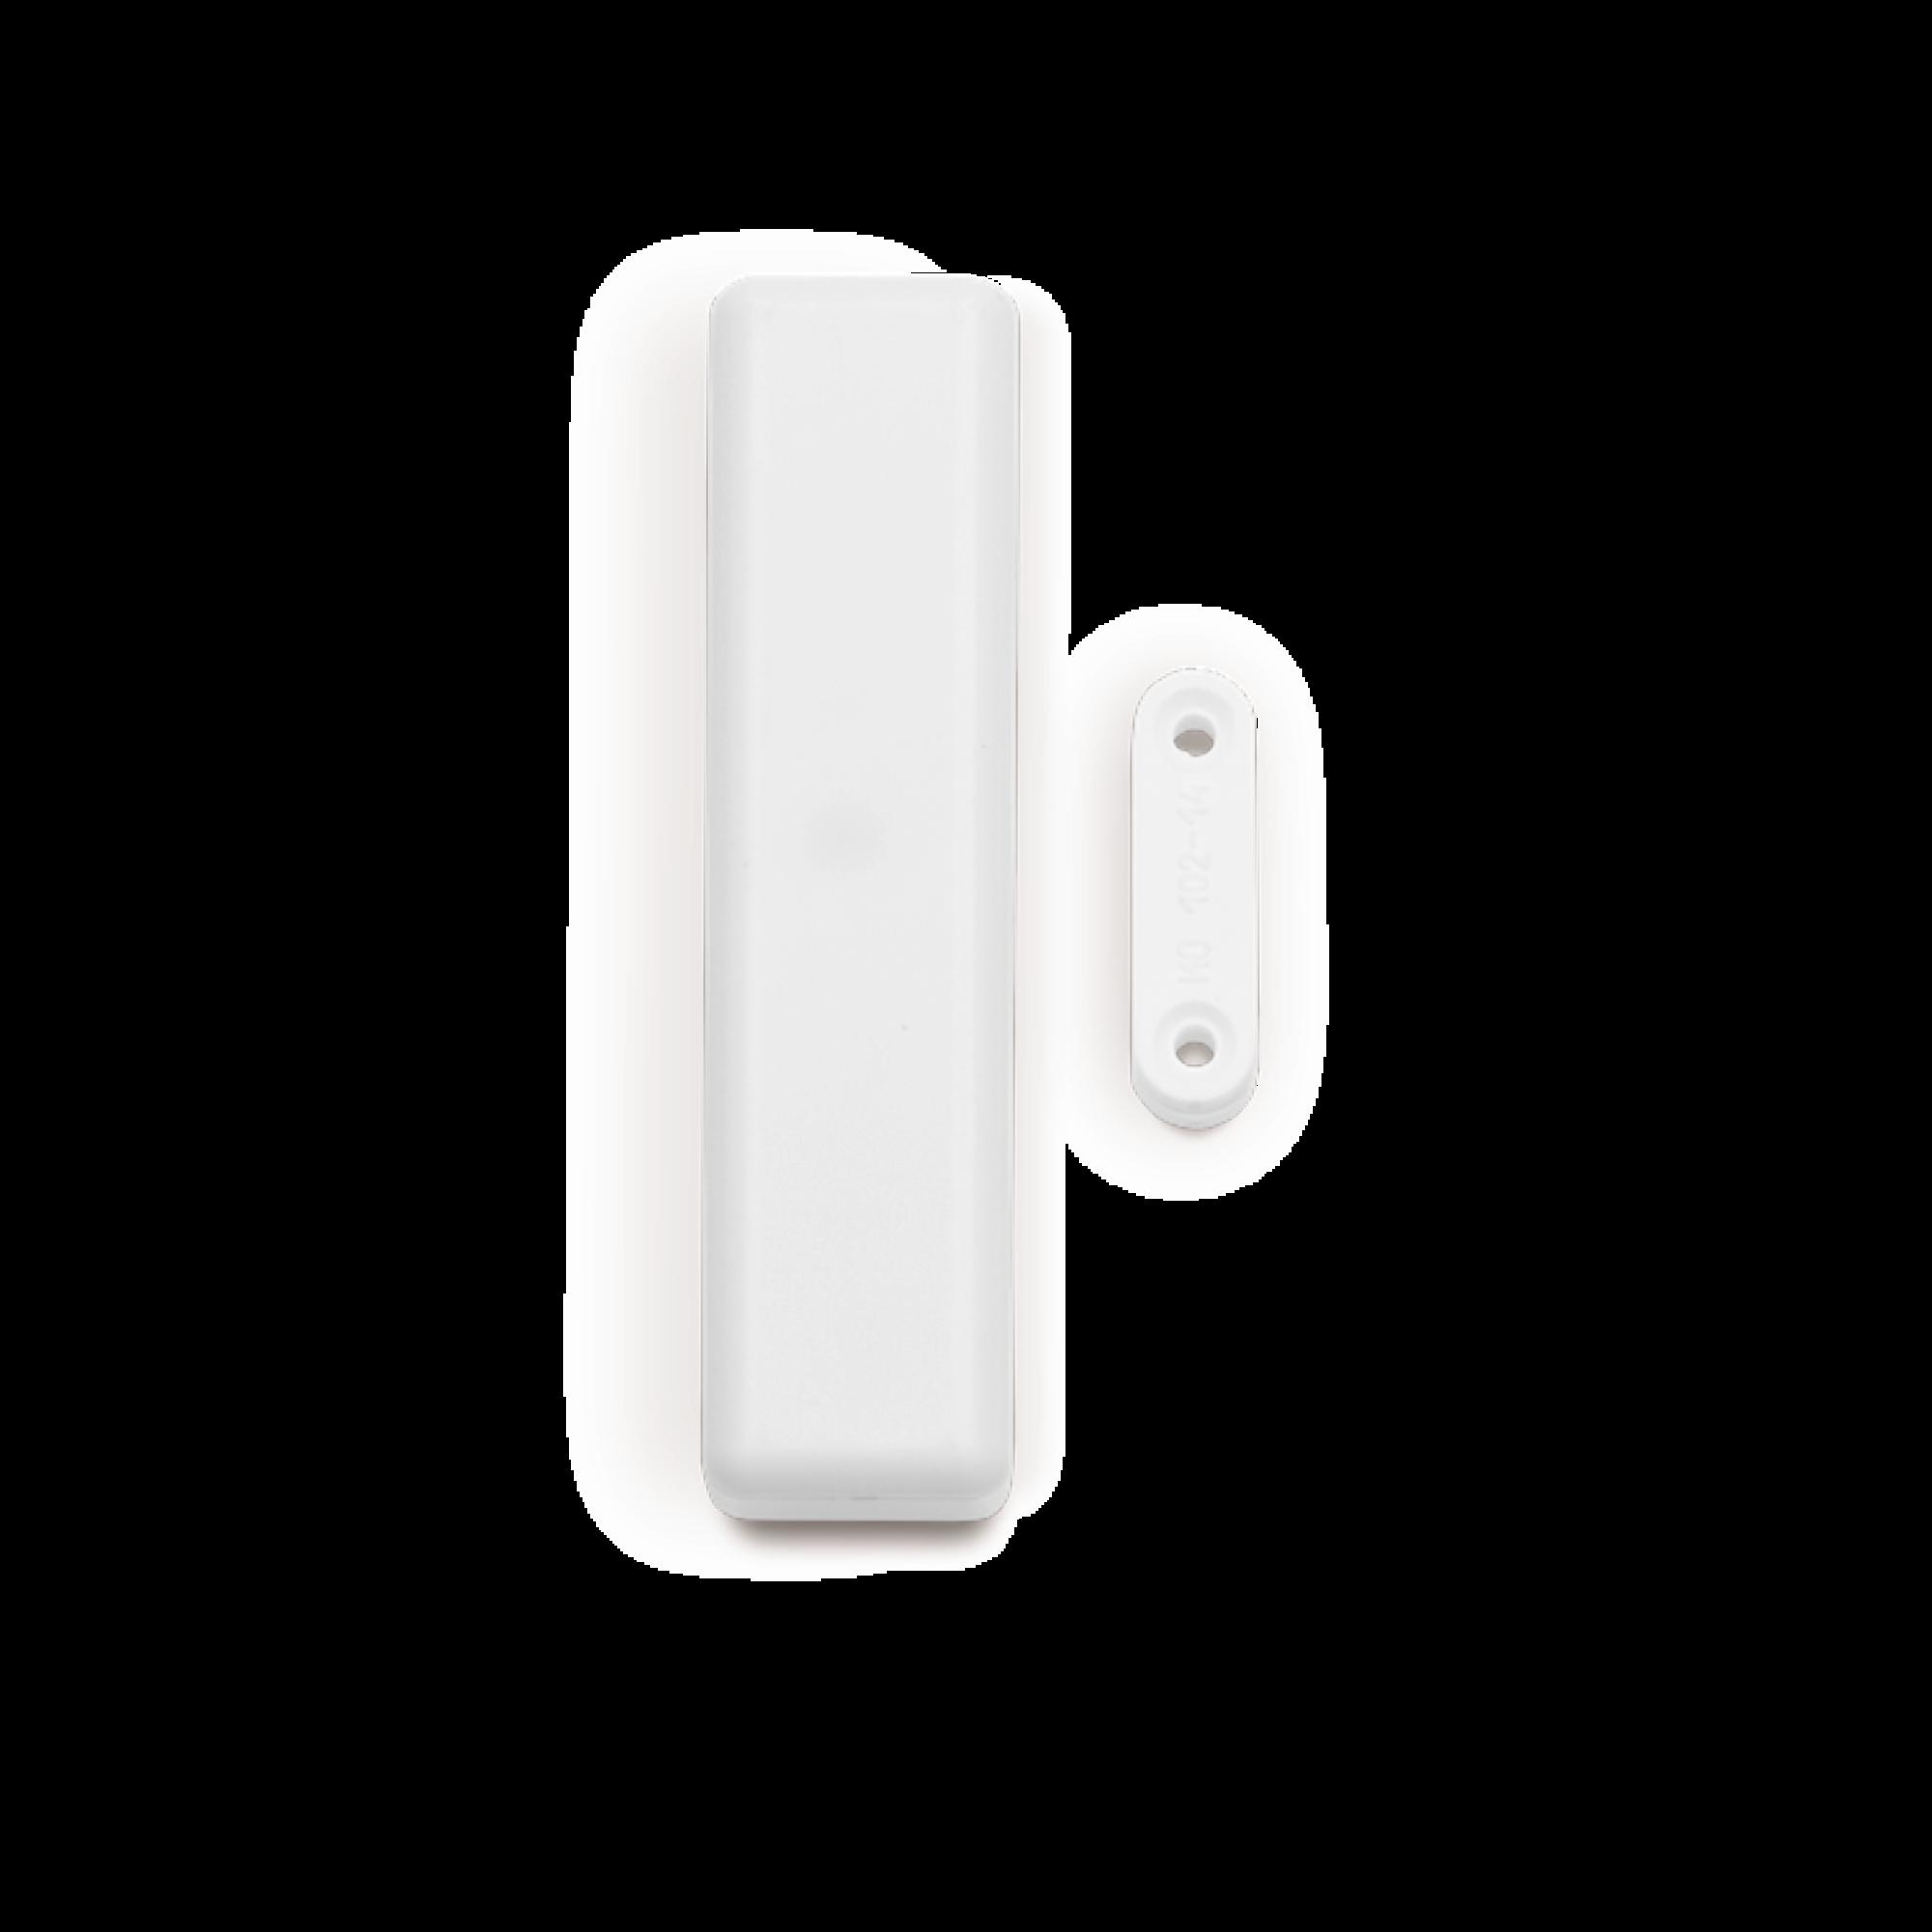 Mini Contacto Mágnetico  Inalámbrico Batería de Larga Duración 3-5 años.